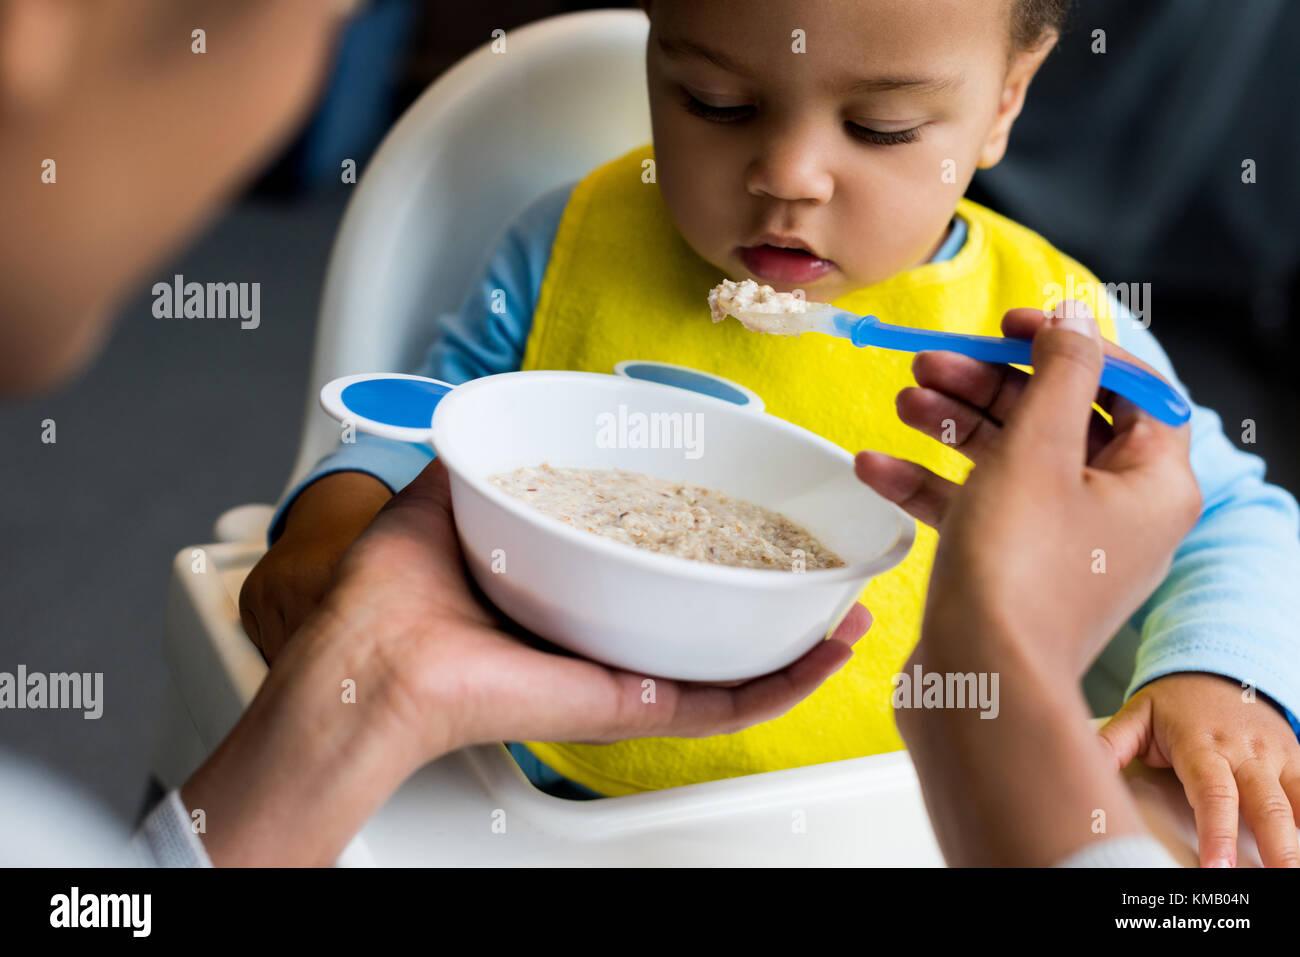 Kleiner Sohn essen Brei Stockbild